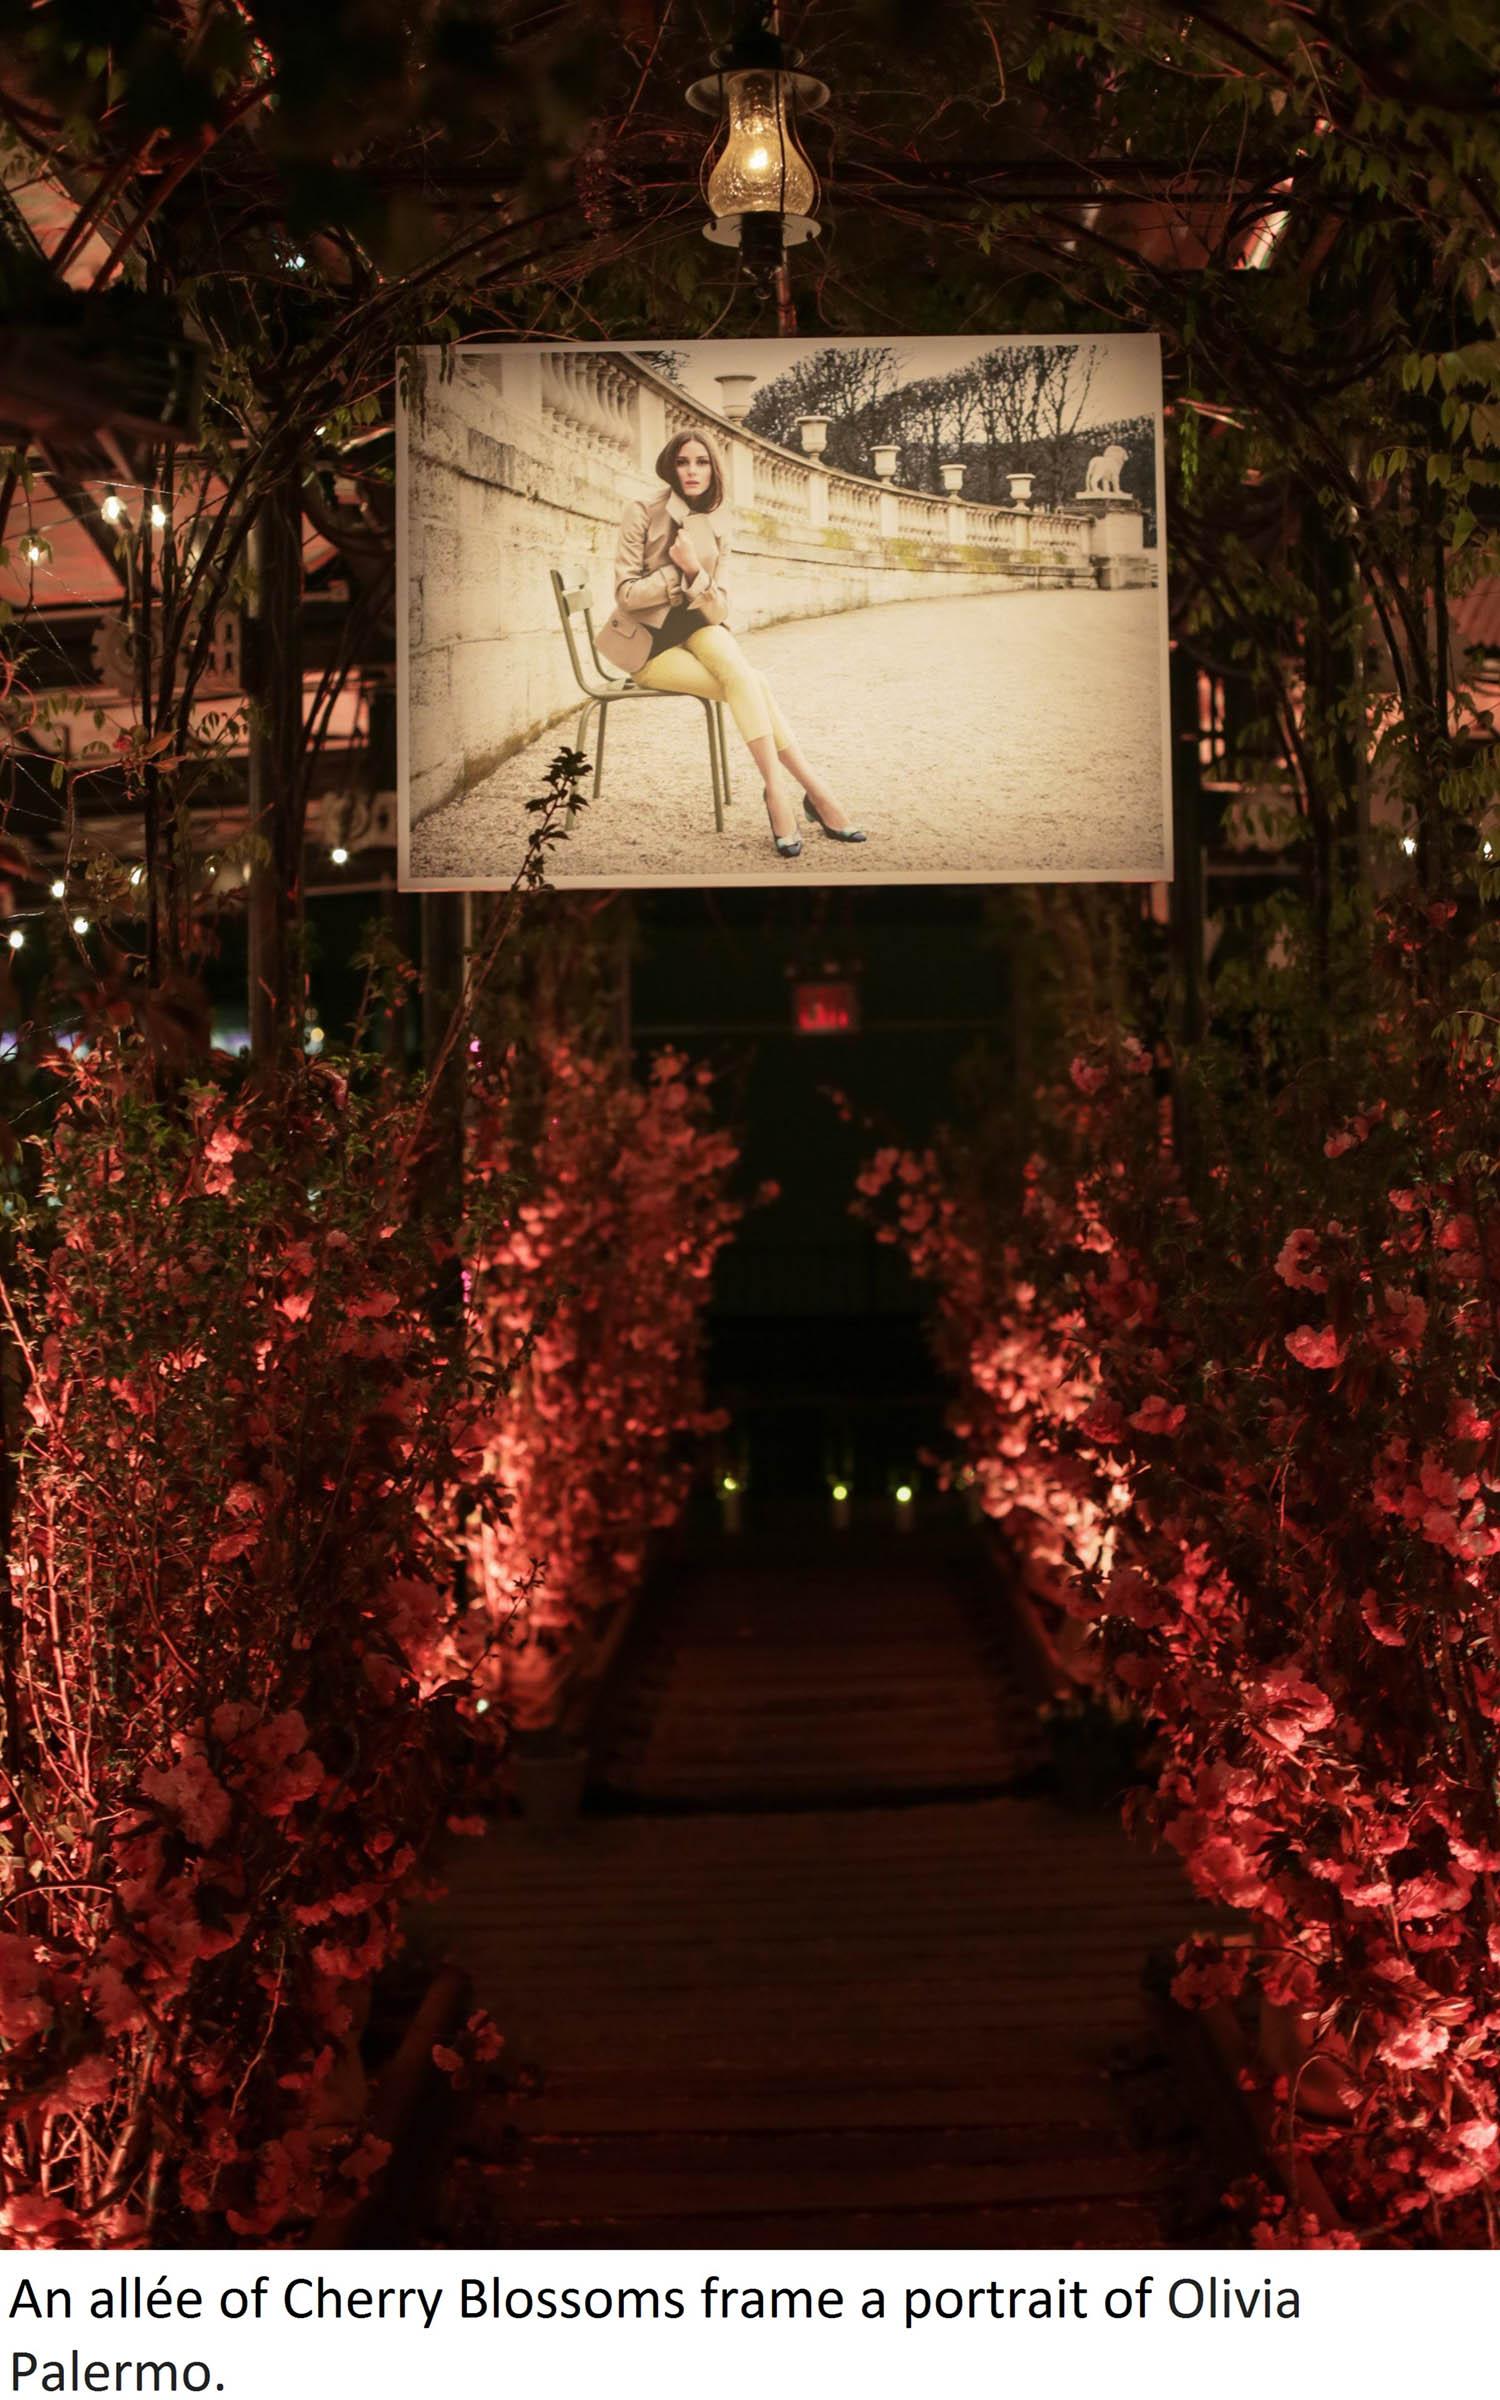 Flower Walkway - edit 3.jpg